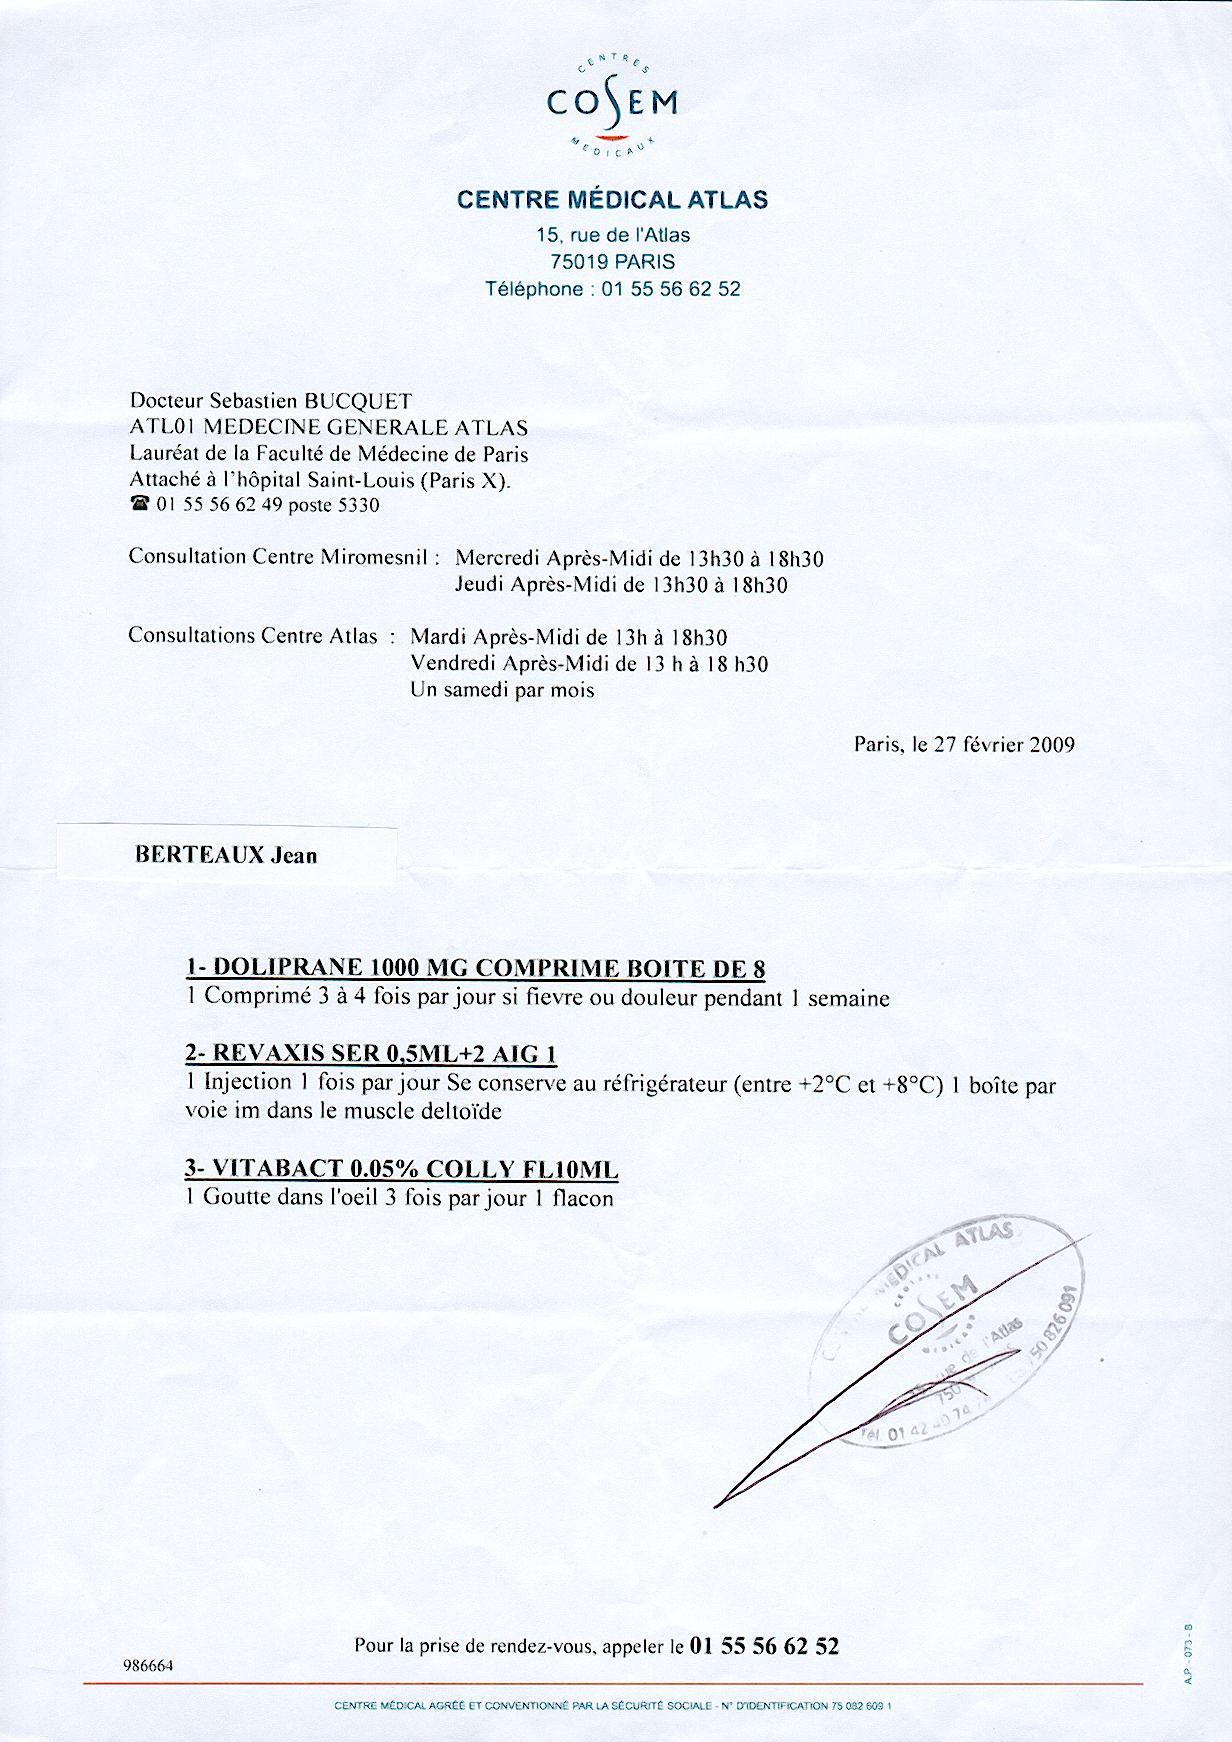 Telecharger ordonnance medical